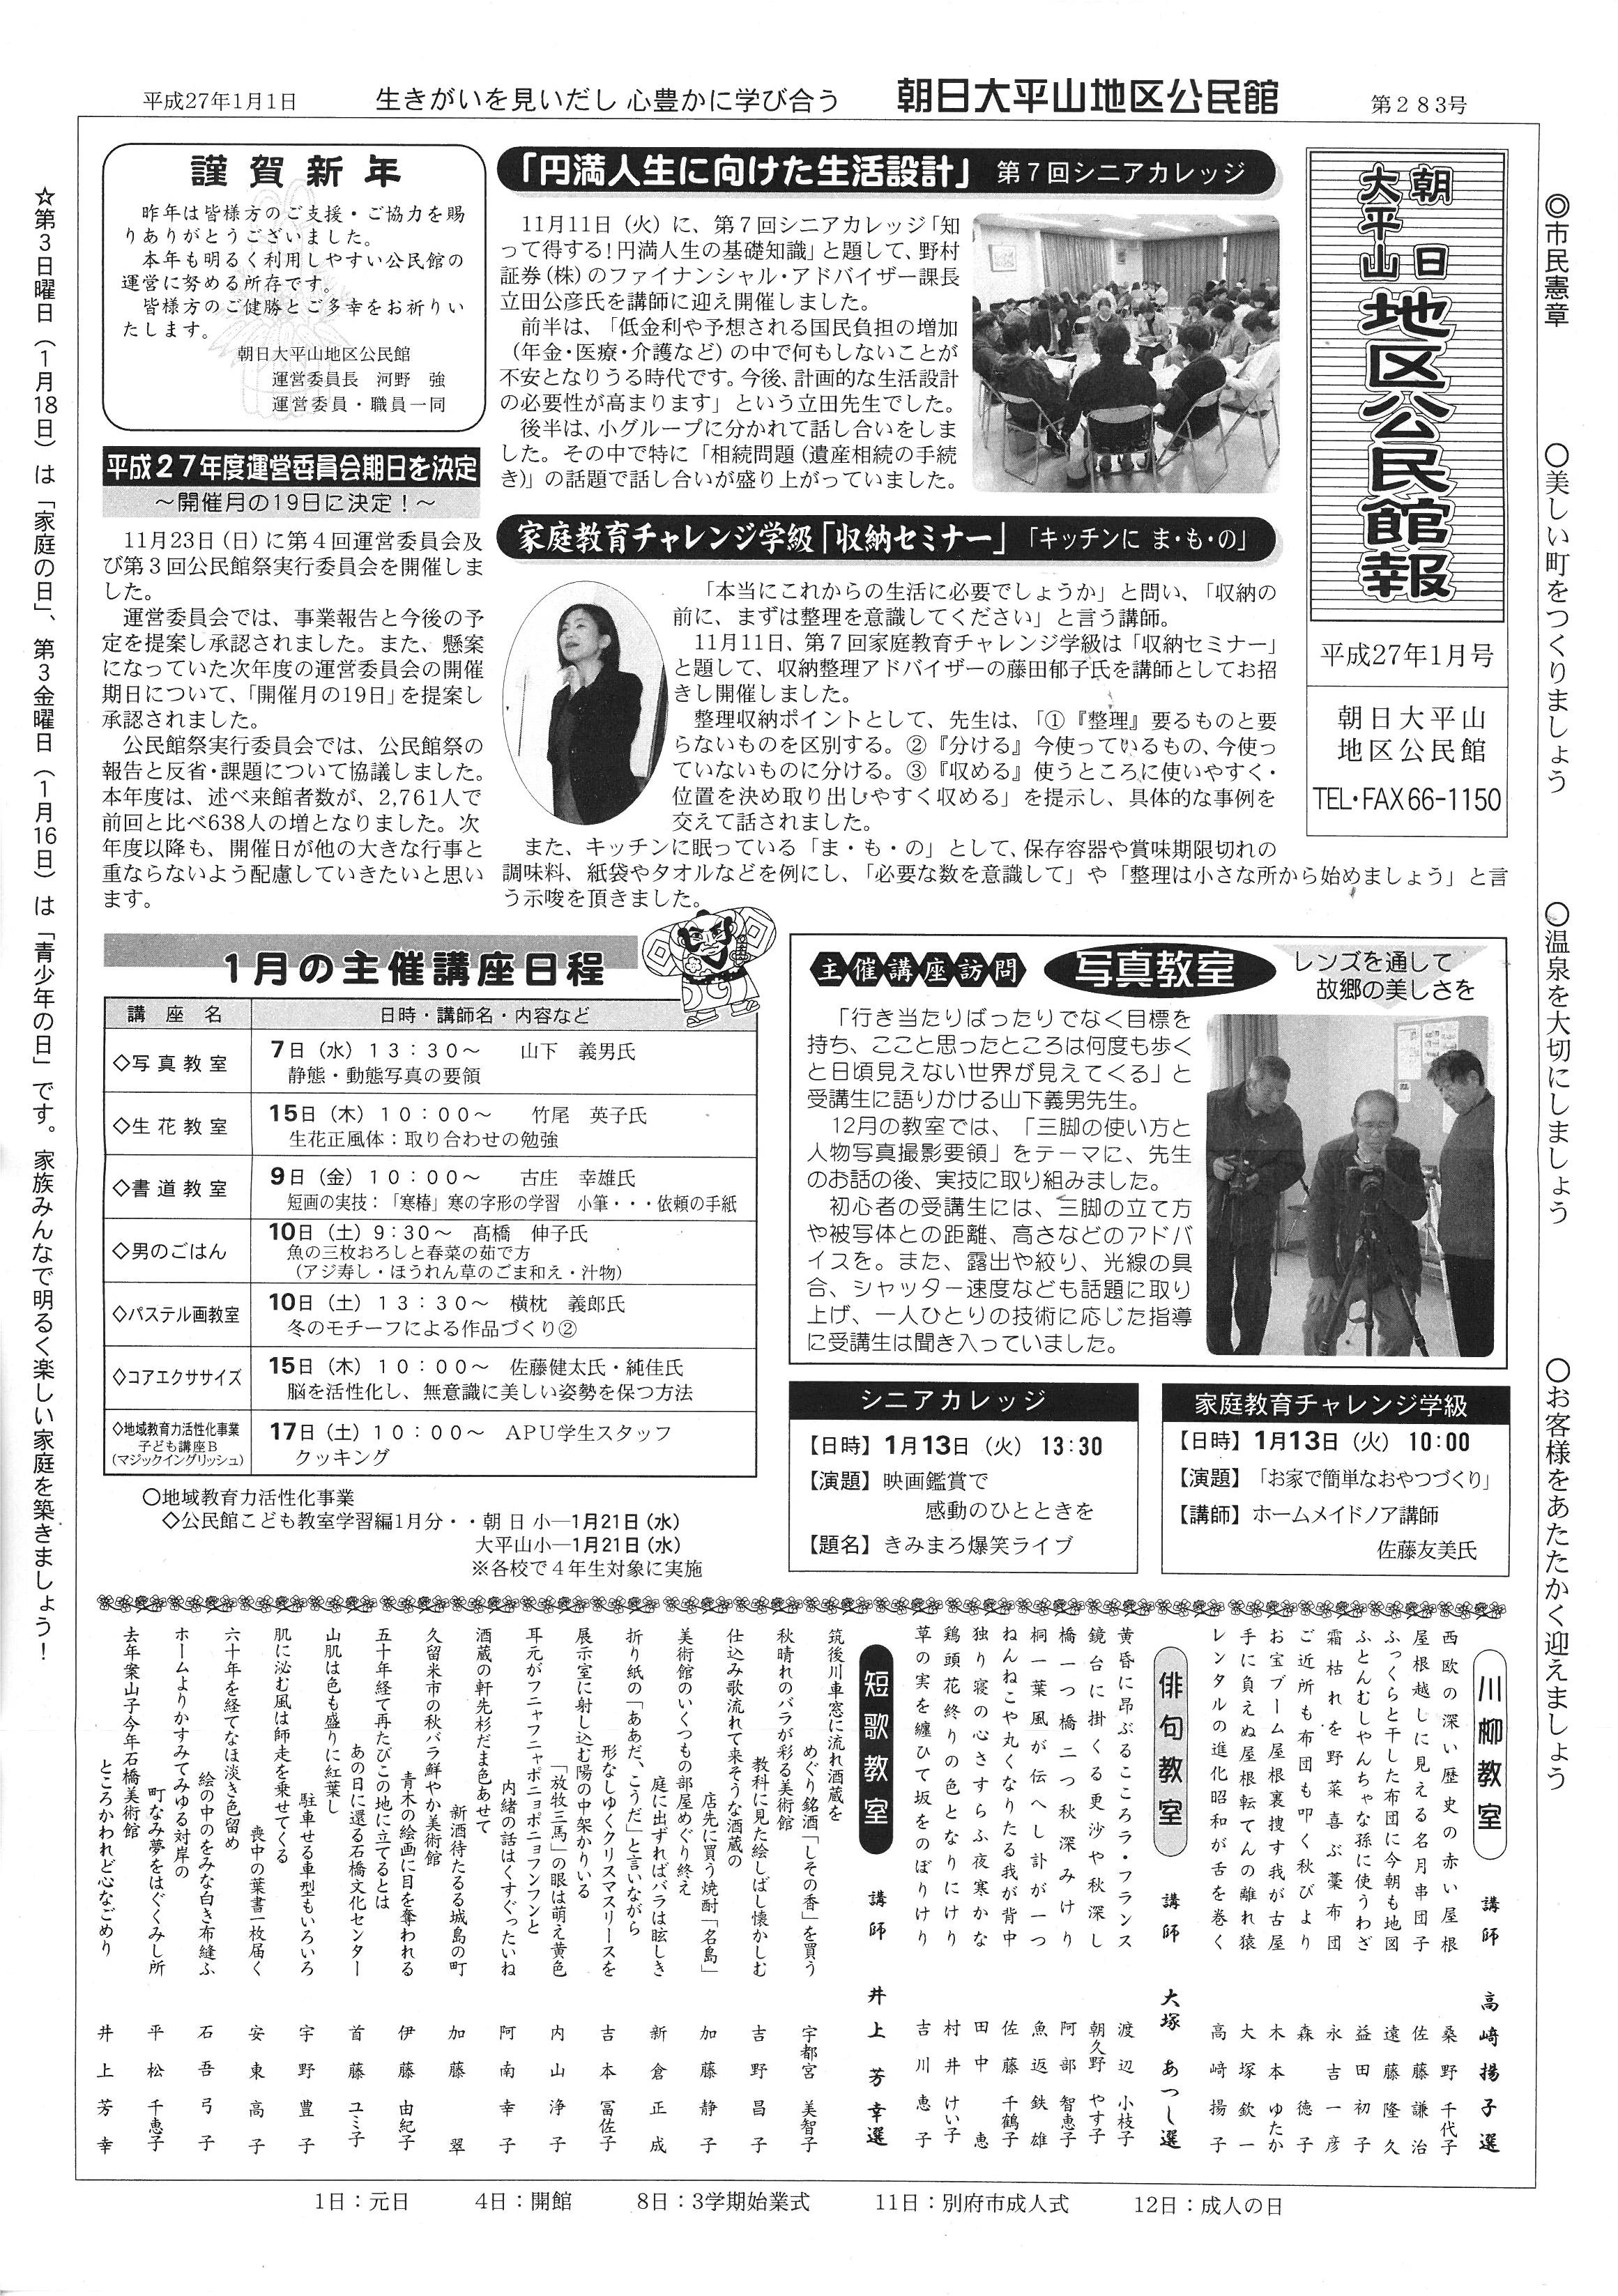 asahiohirayama2015_01